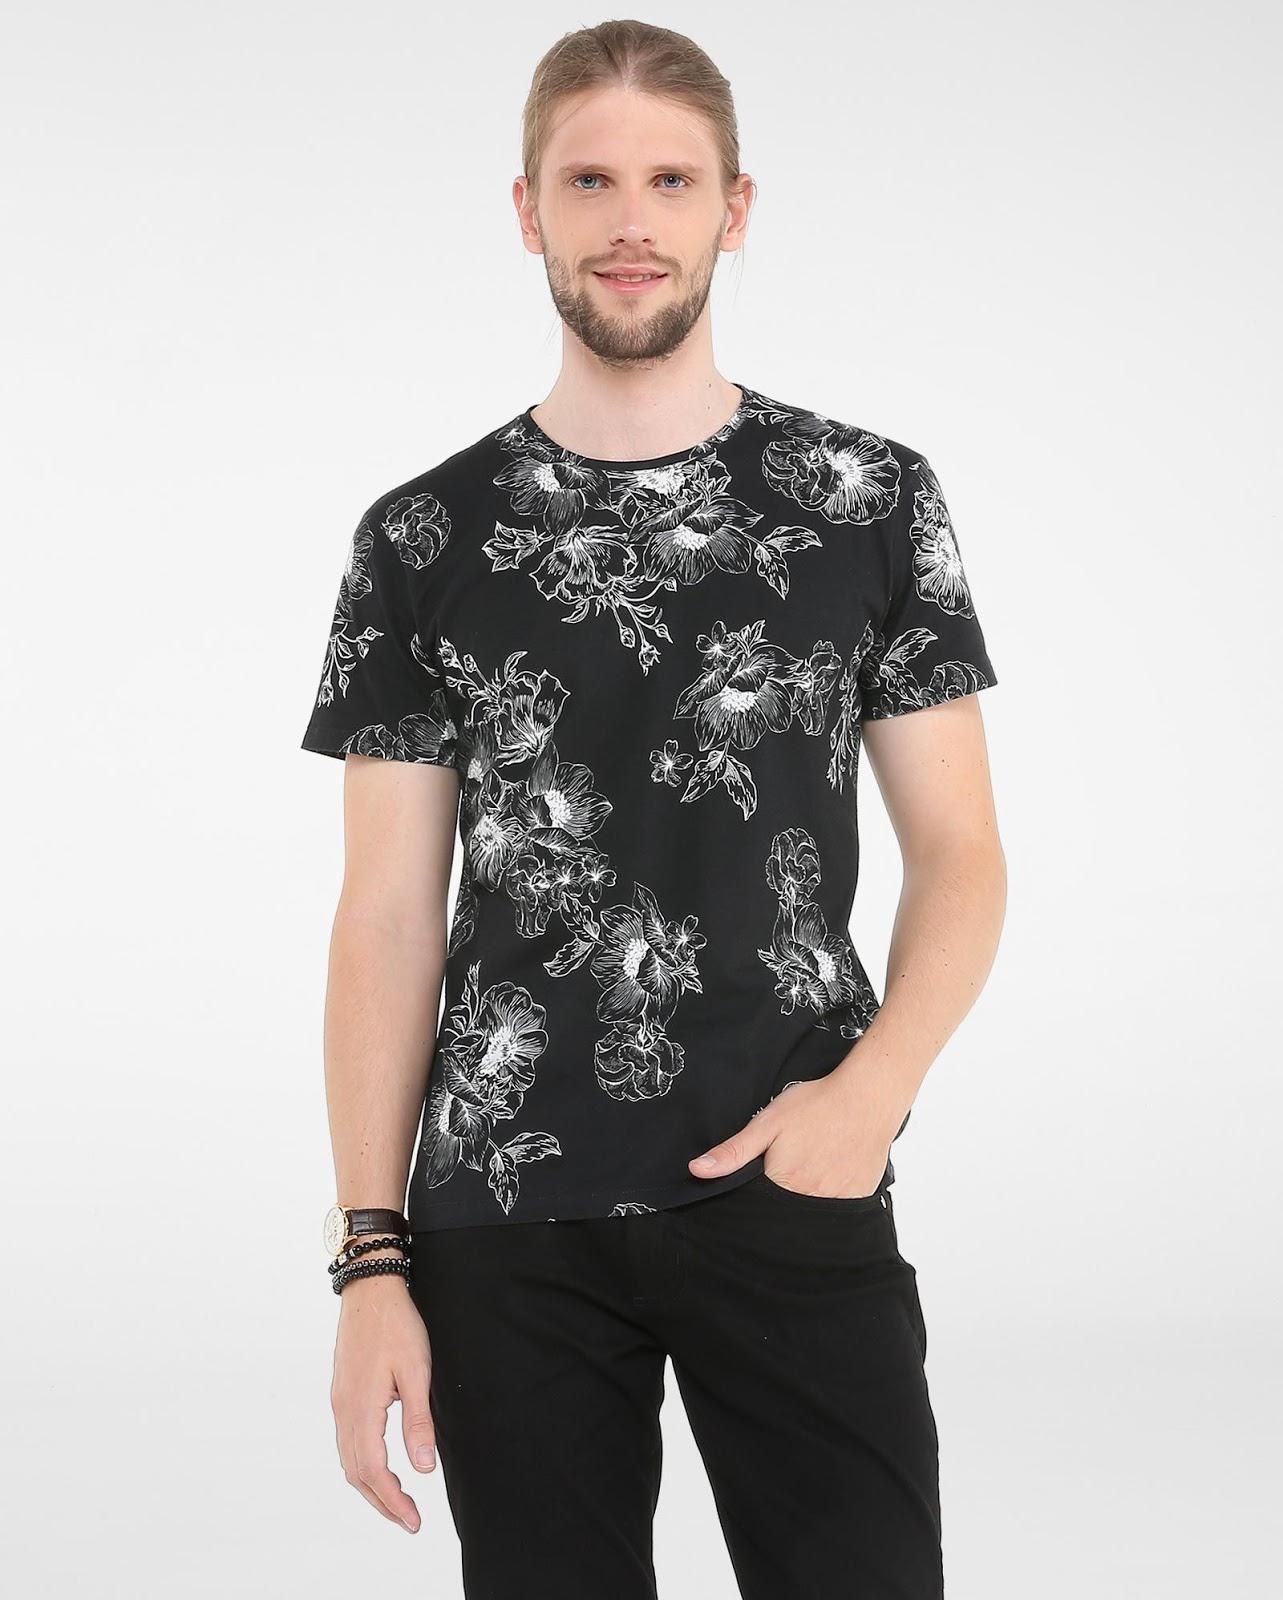 LEO KLEIN - KADU DANTAS PARA RIACHUELO - Camiseta Floral